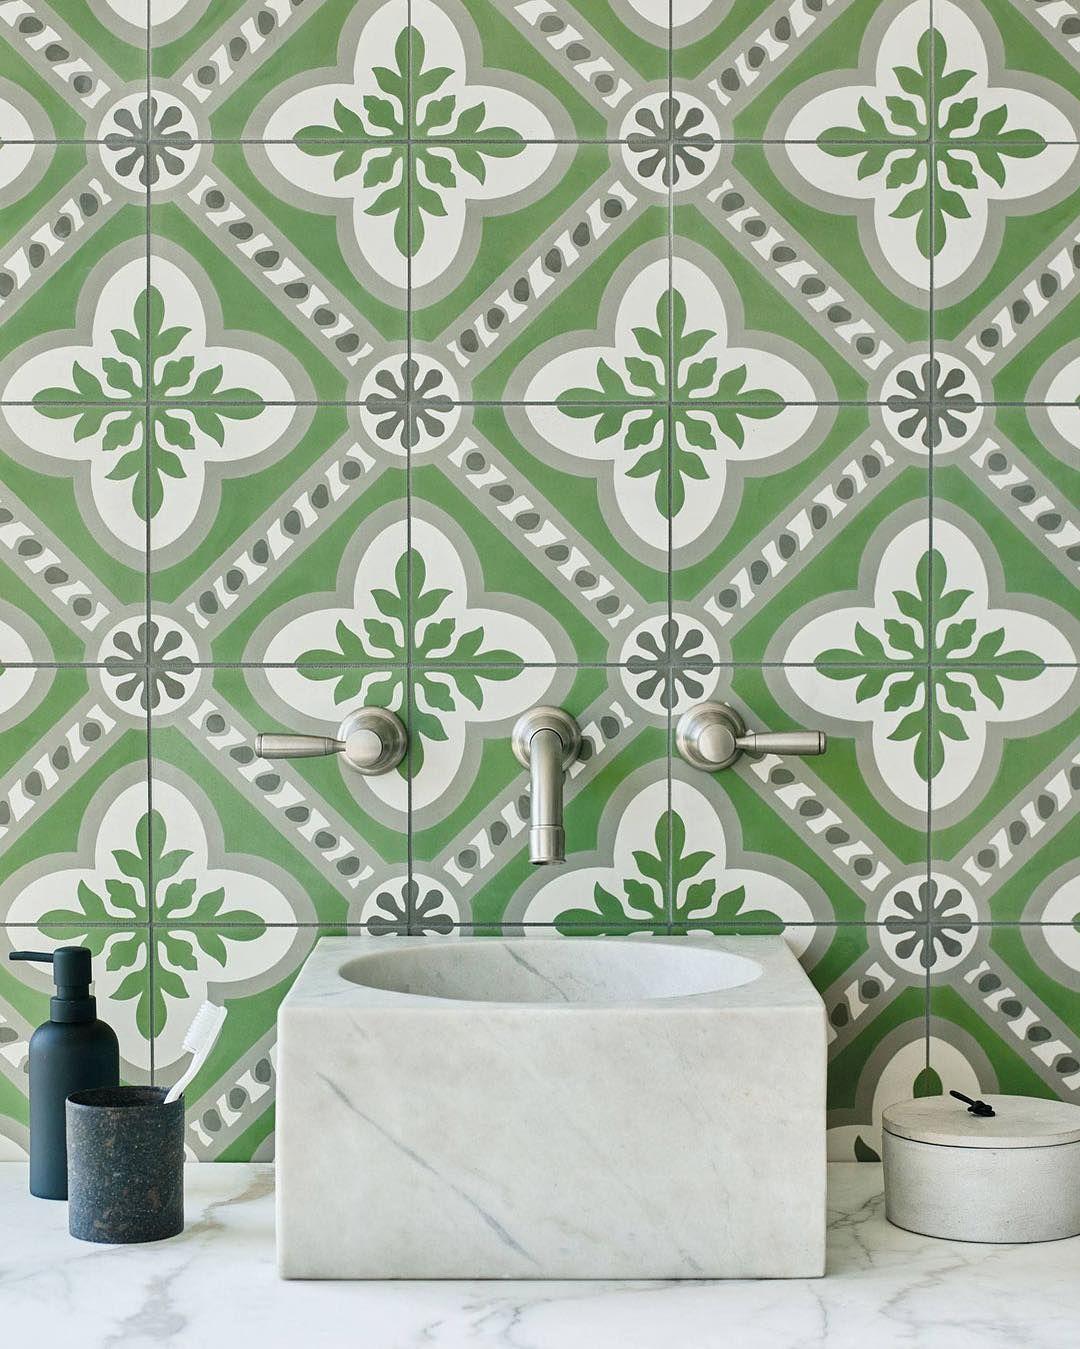 48 Fancy Encaustic Tiles Ideas Decortez Wall And Floor Tiles Encaustic Tile Tile Floor